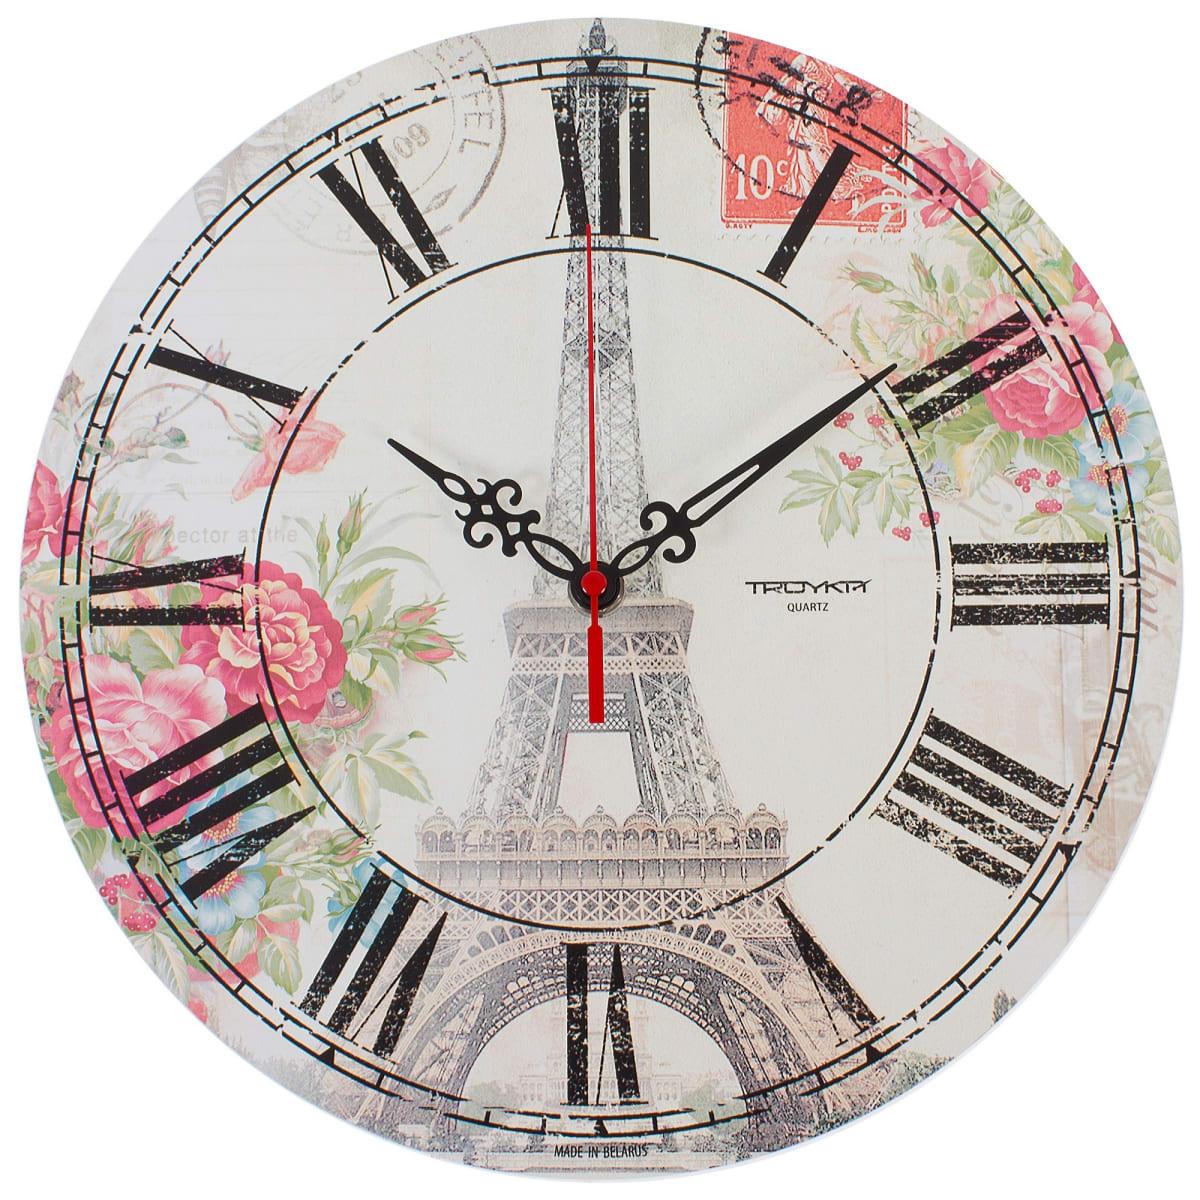 Настенные часы саранске продать старые в картинга час стоимость